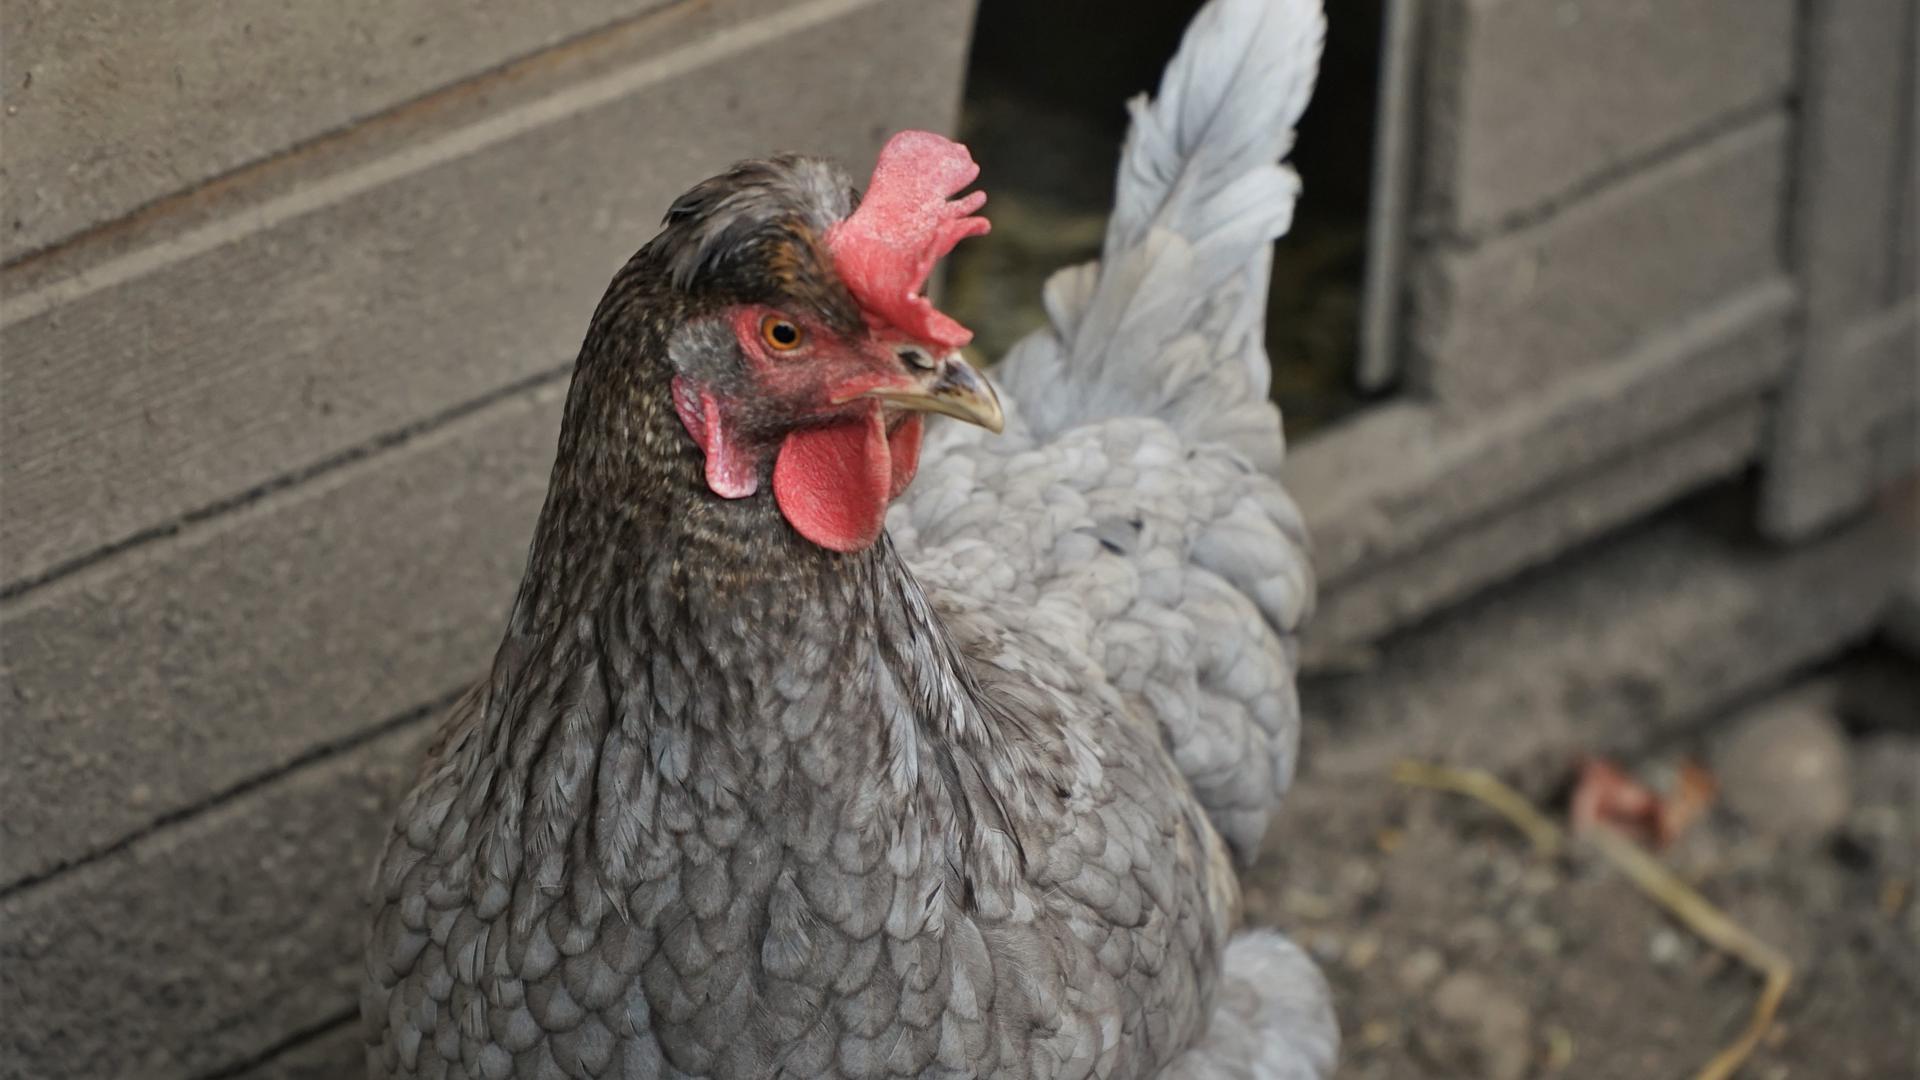 Hühner im eigenen Garten: Bei Familie Gatzenmeyer gackern gleich sechs Tiere auf dem Grundstück. Viele Privatleute wollen Eier aus eigener Produktion.